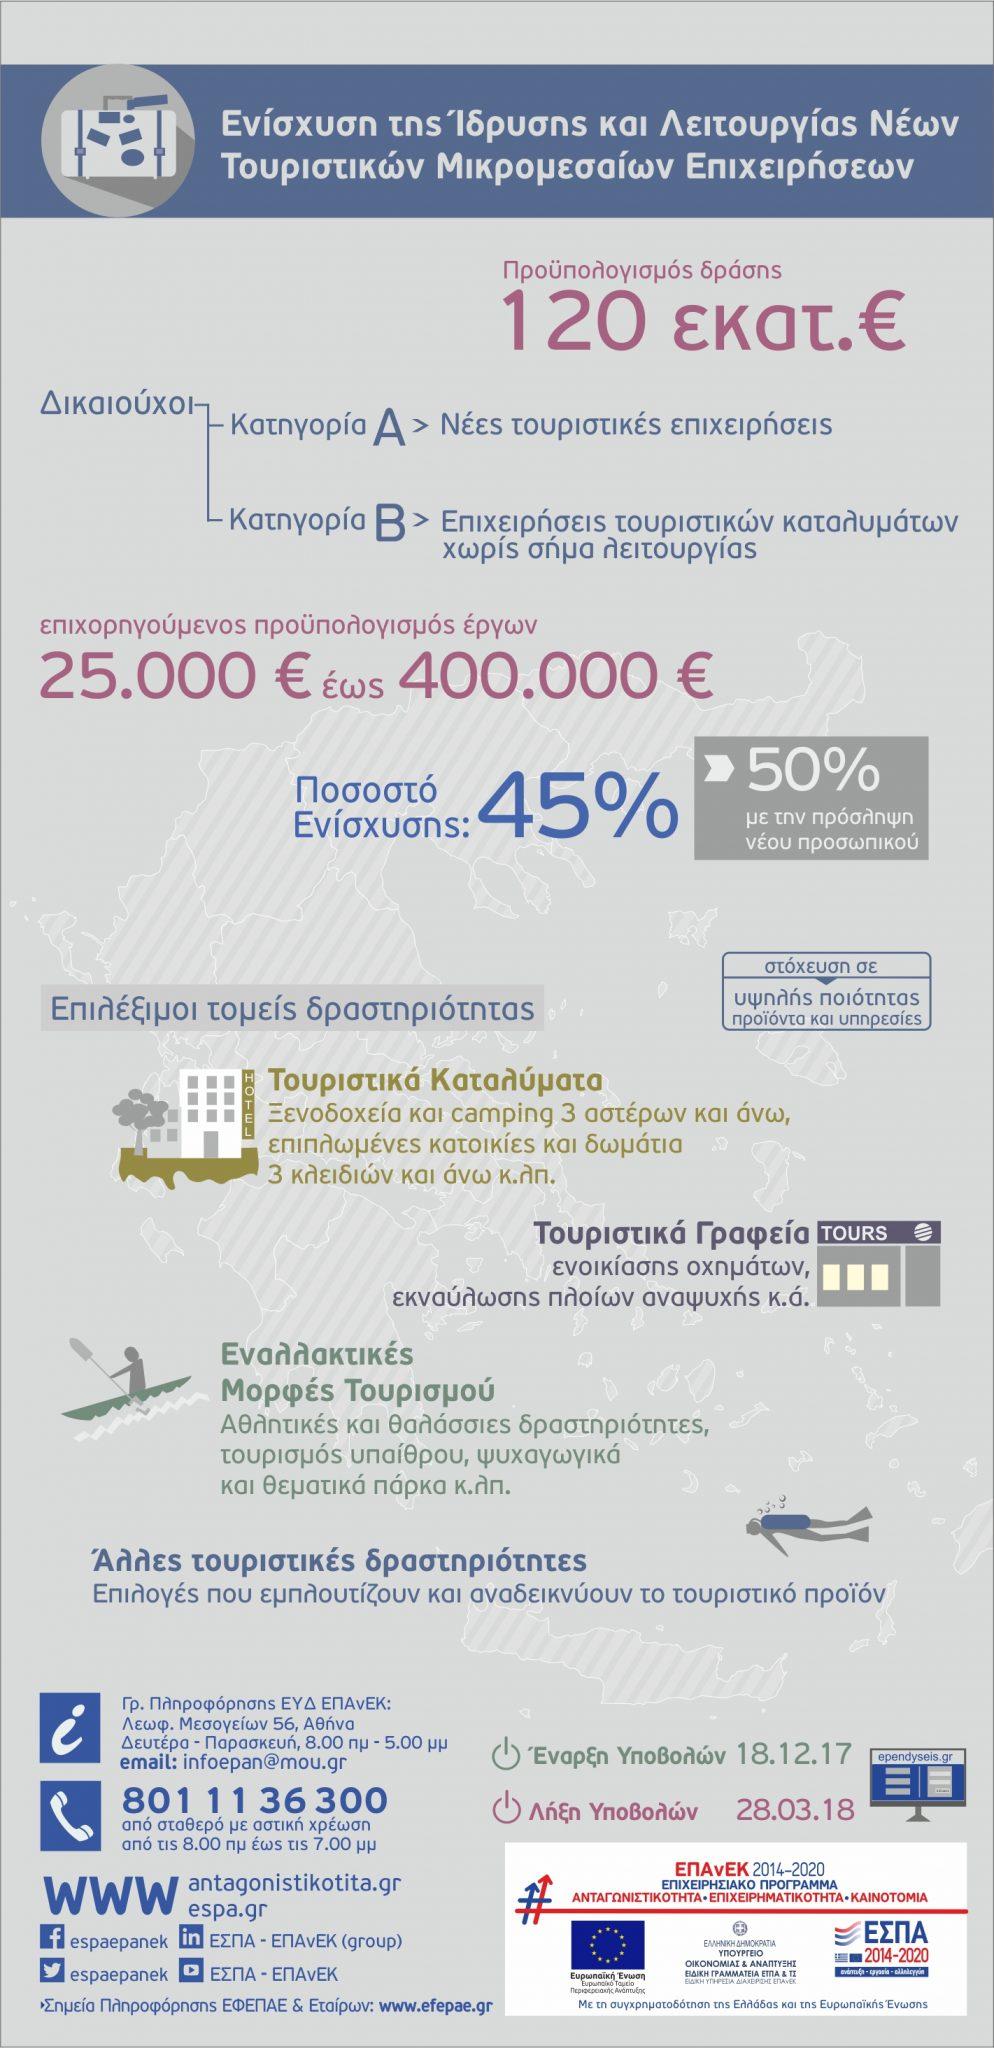 tourismos_infographic